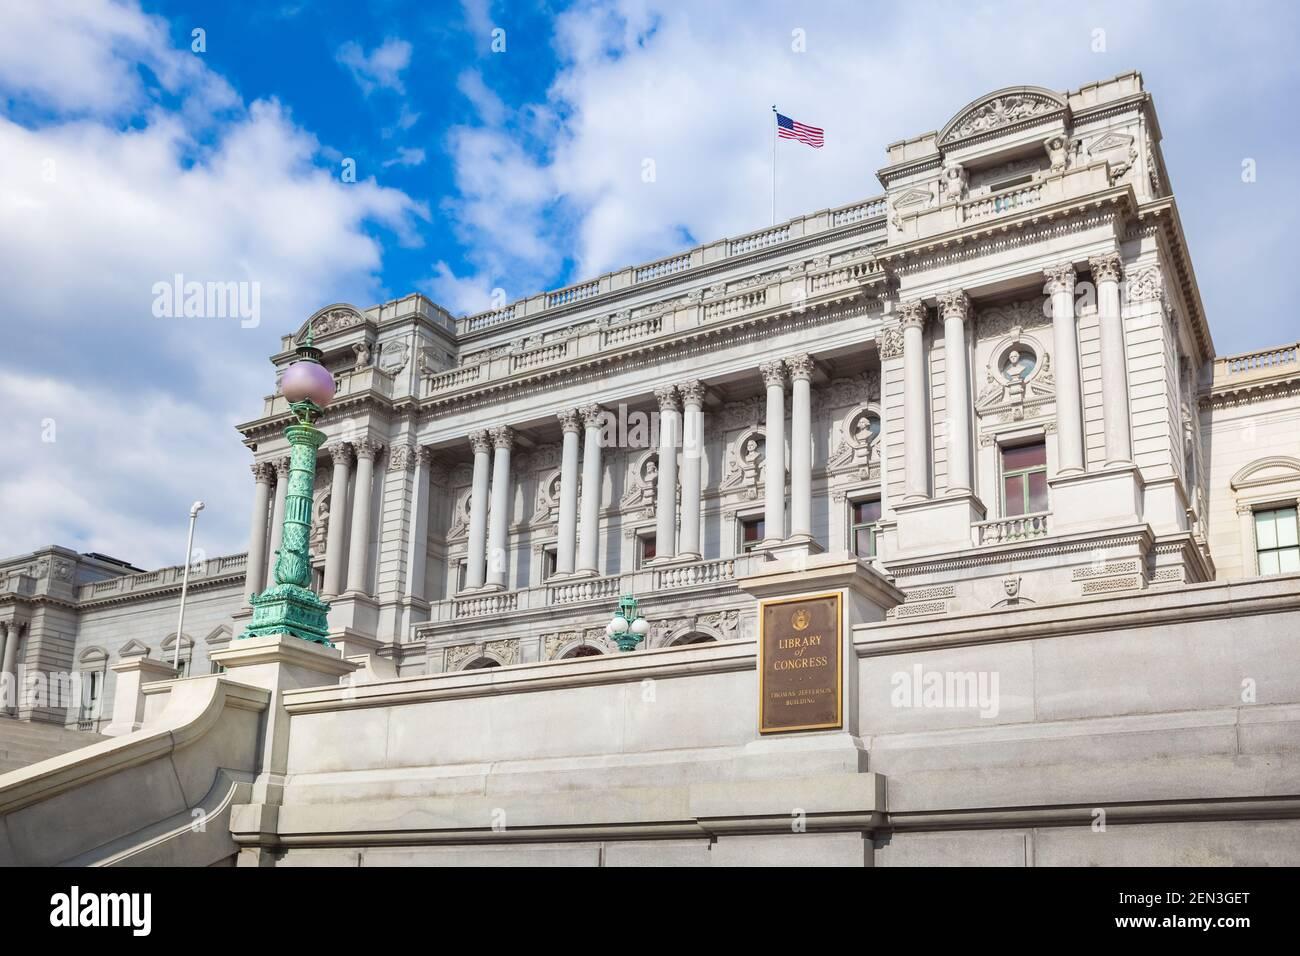 Extérieur du bâtiment Thomas Jefferson de la Bibliothèque du Congrès situé sur Capitol Hill à Washington, DC. Bâtiment orné conçu dans les Beaux-Arts Banque D'Images